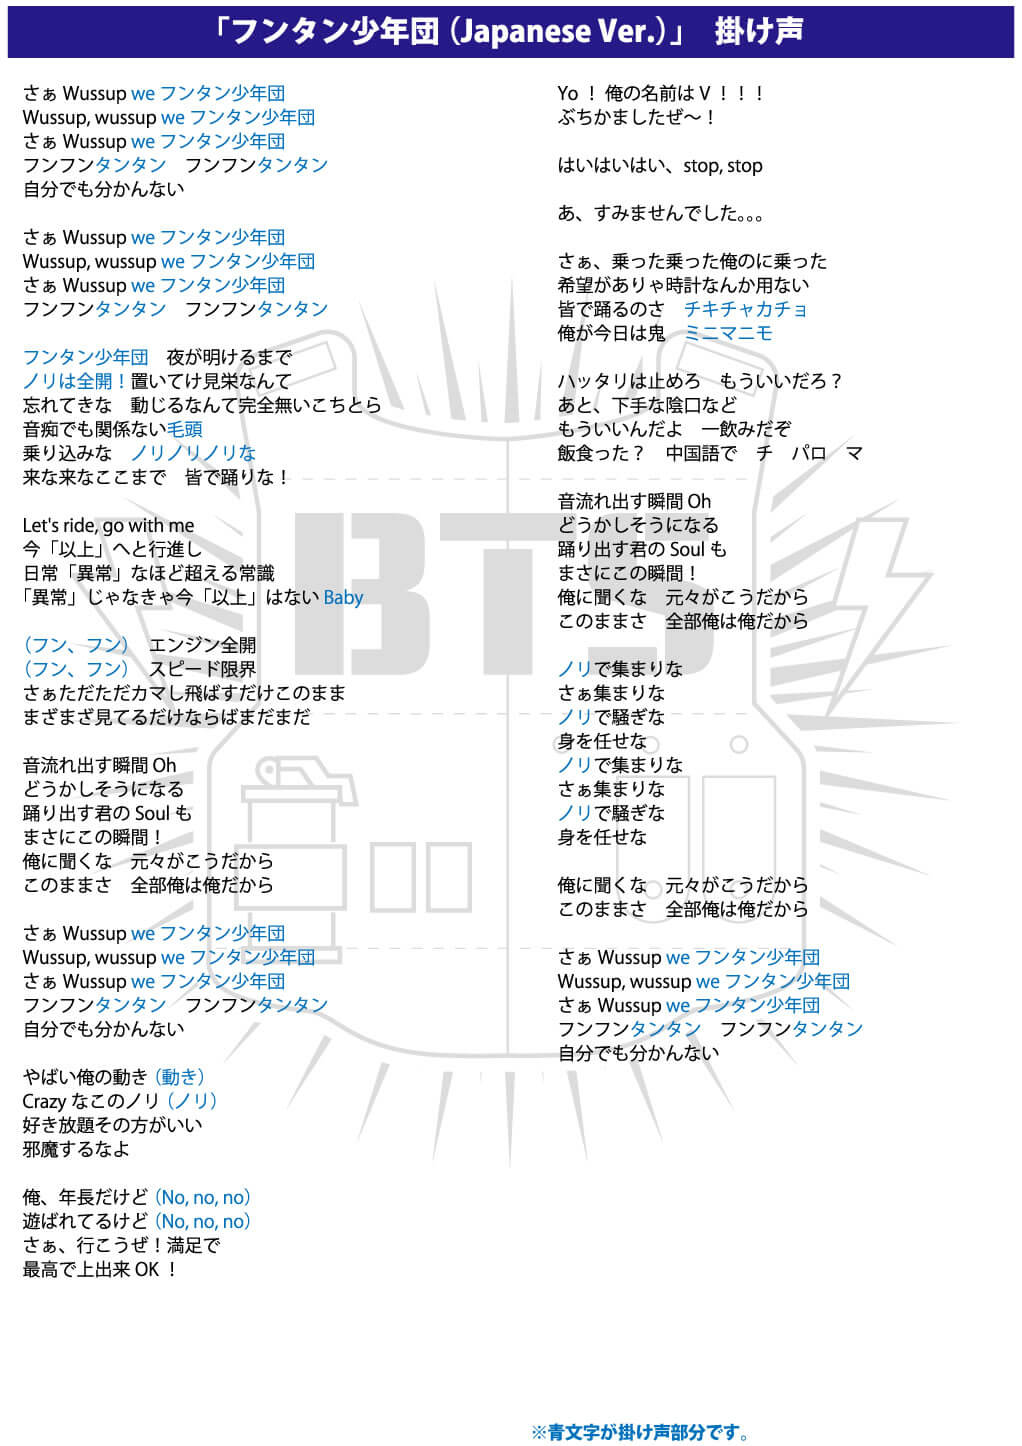 フンタン少年団 (Japanese Ver.)